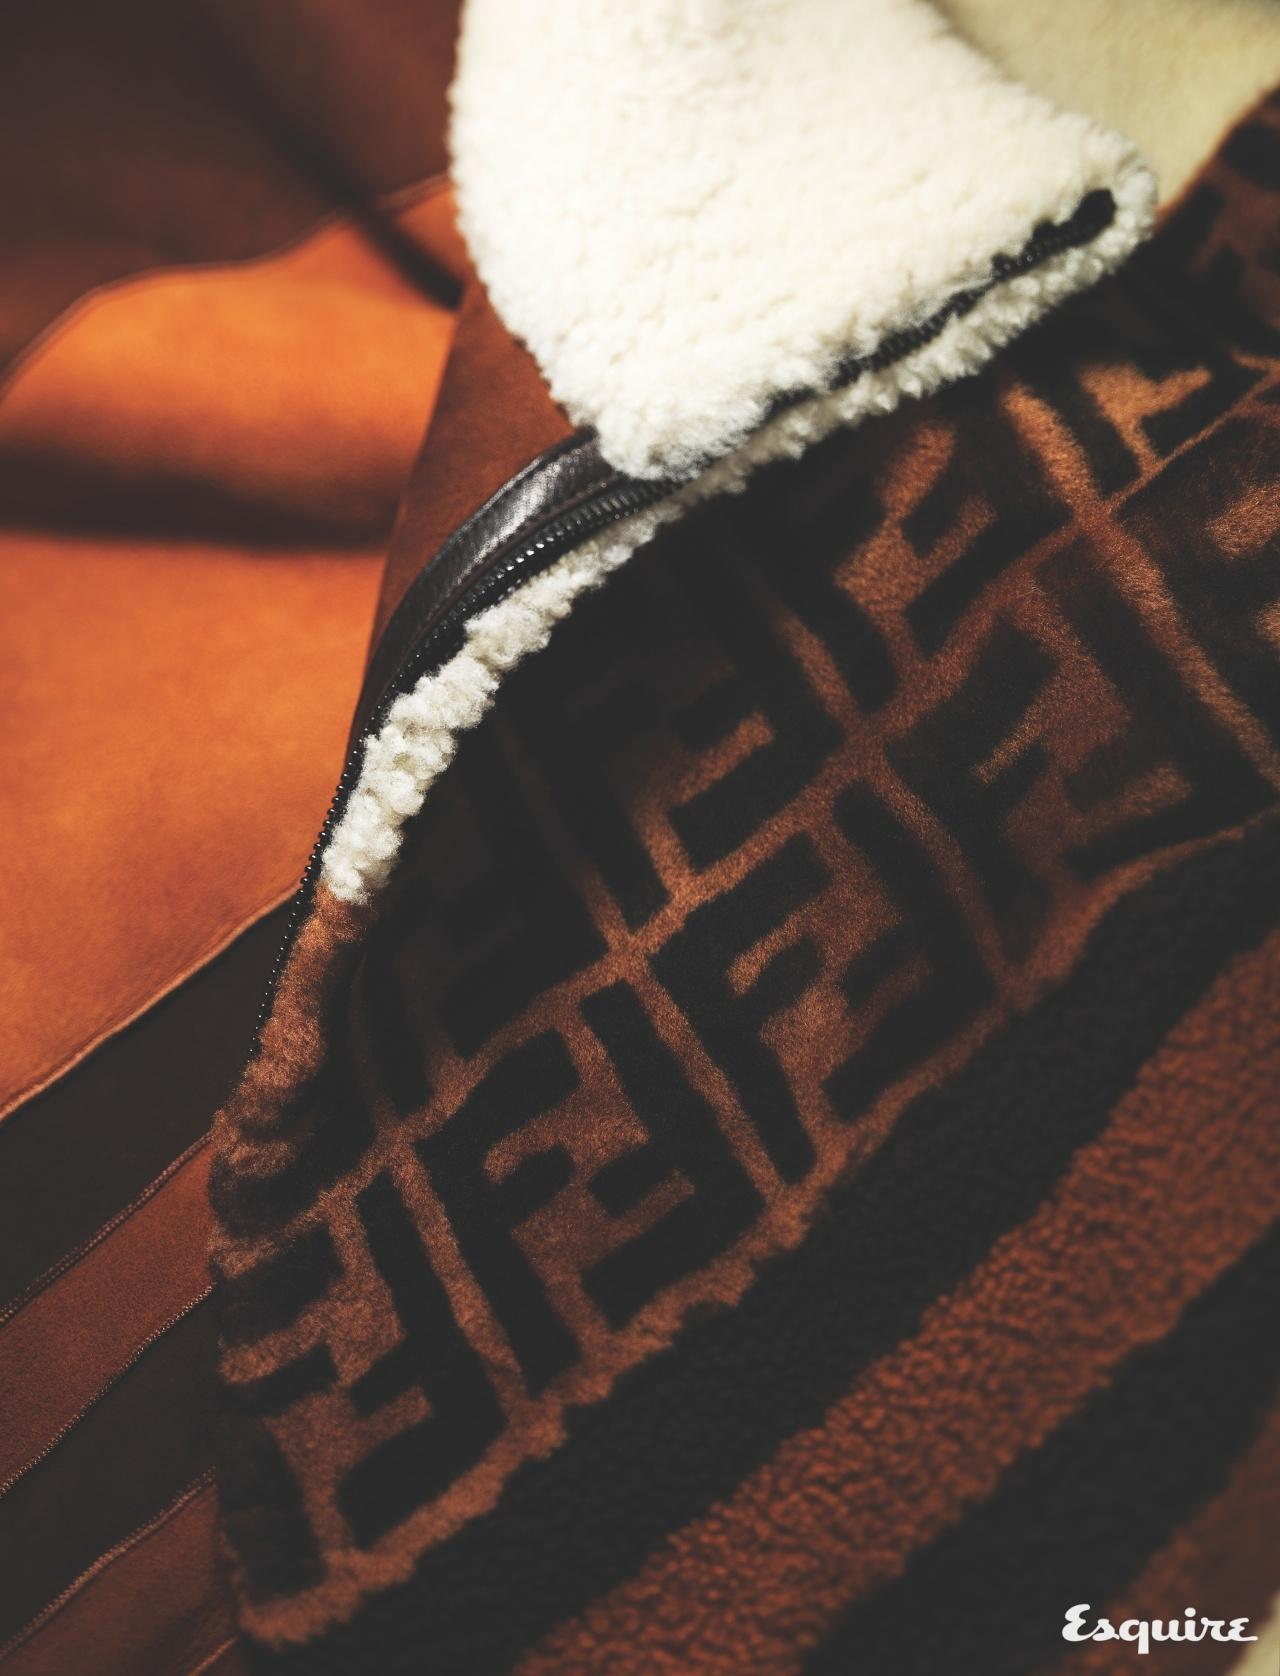 FENDI FF 로고를 사선으로 두른 오버사이즈 양털 재킷. 유쾌한 럭셔리. 930만원 펜디.